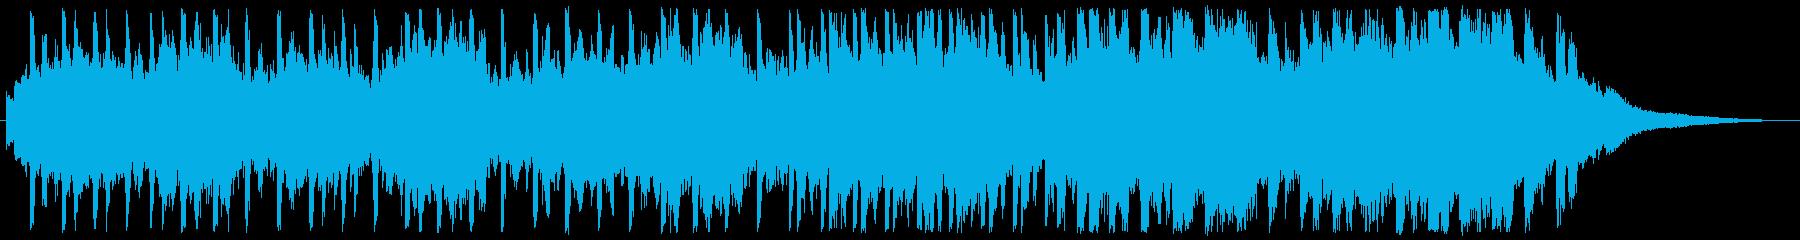 実験的な 緊張感 暗い ホラー エ...の再生済みの波形